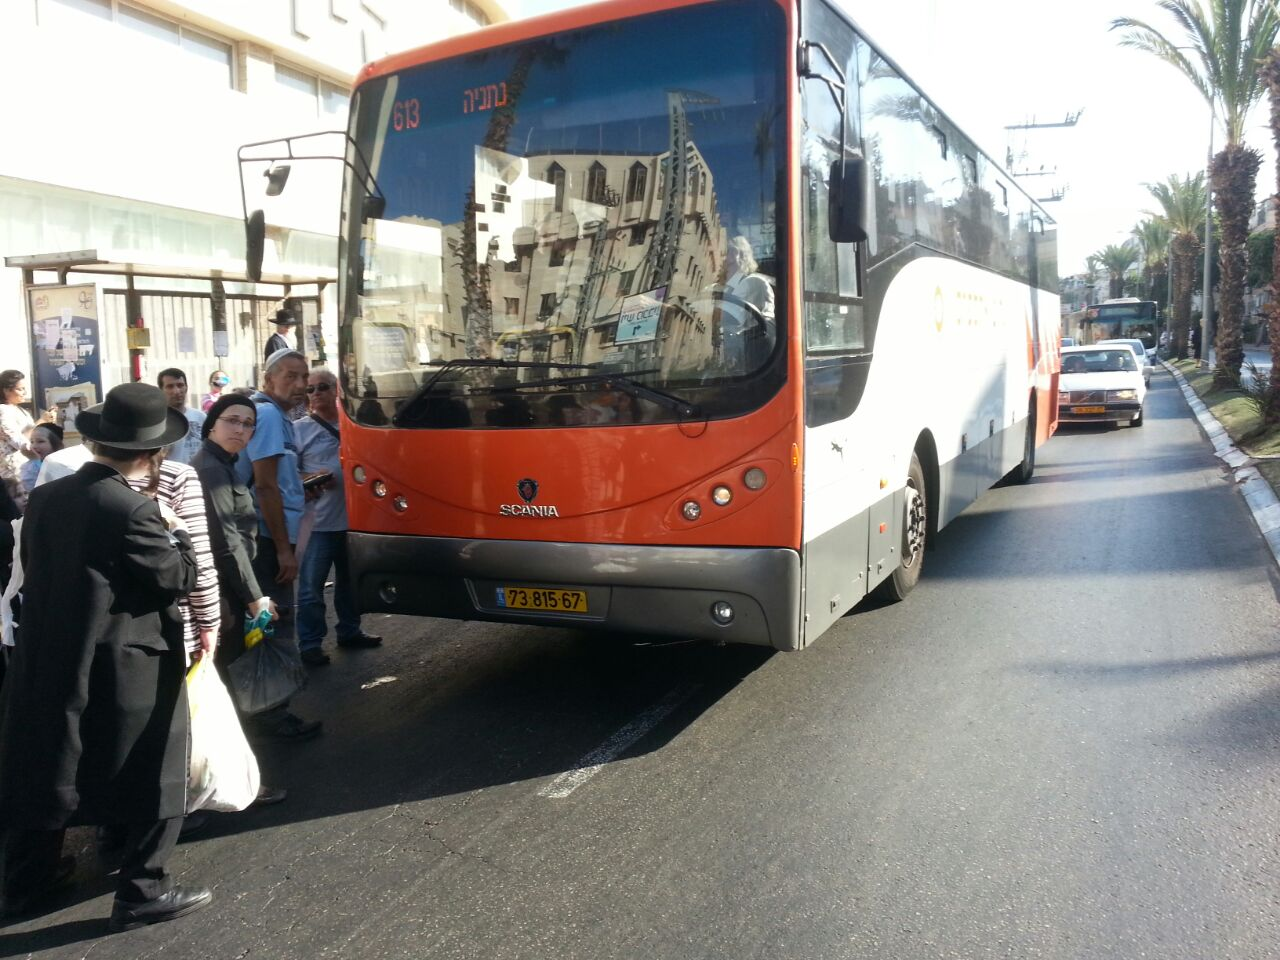 אוטובוס אוטובוסים חרדים נוסעים זועמים - צילם יהודה רחמים 24 (5)